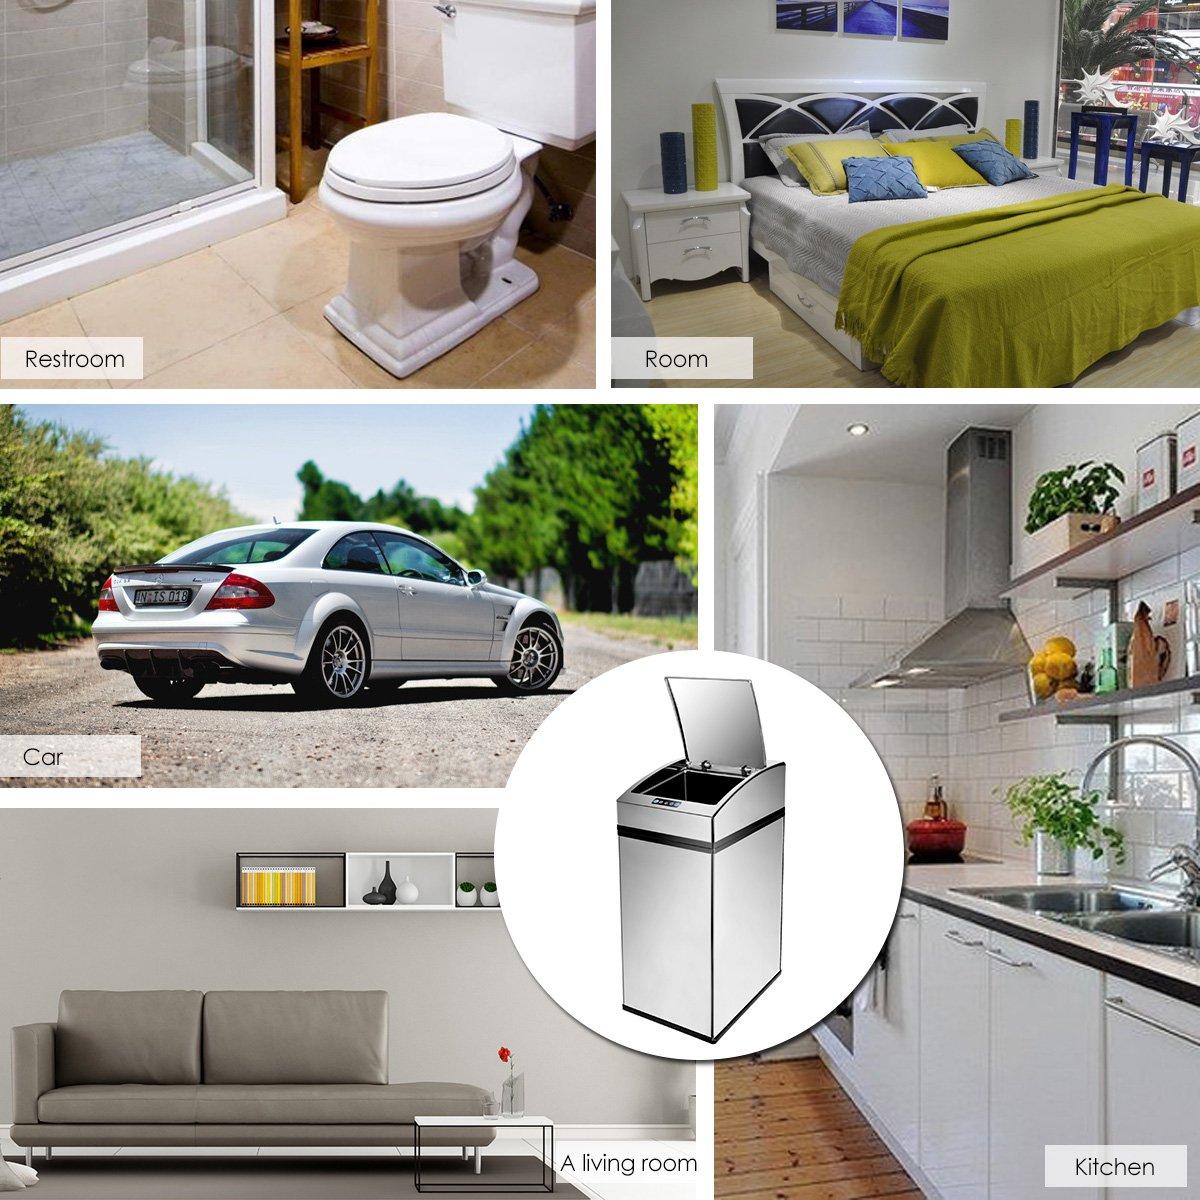 Milkee El Acero Inoxidable Automática De Basura Sensor Puede, El Sensor De Infrarrojos Con Cubo Interior 7L: Amazon.es: Hogar